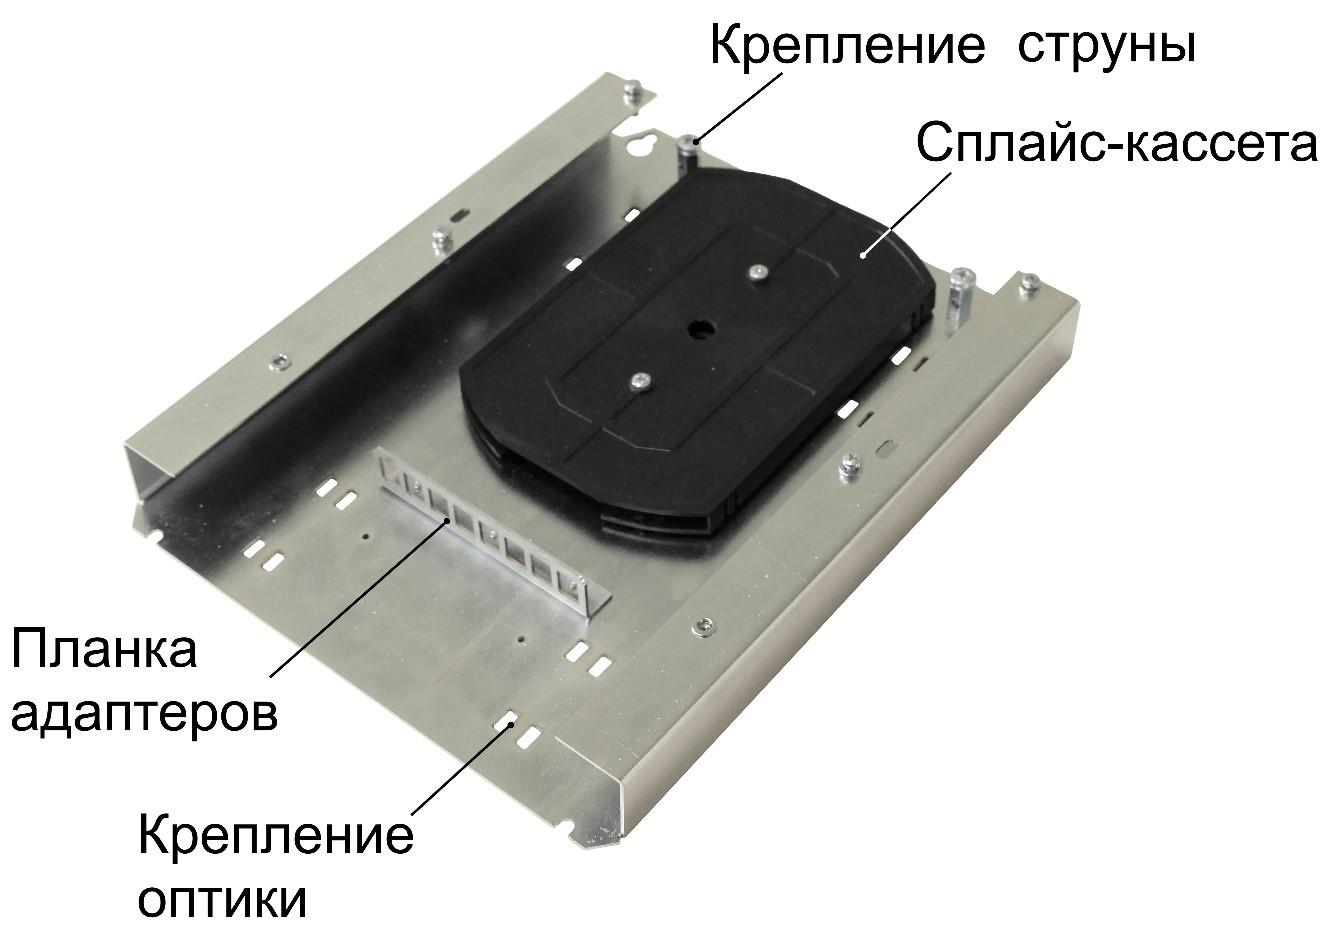 TFortis PSW-1G4F-Box